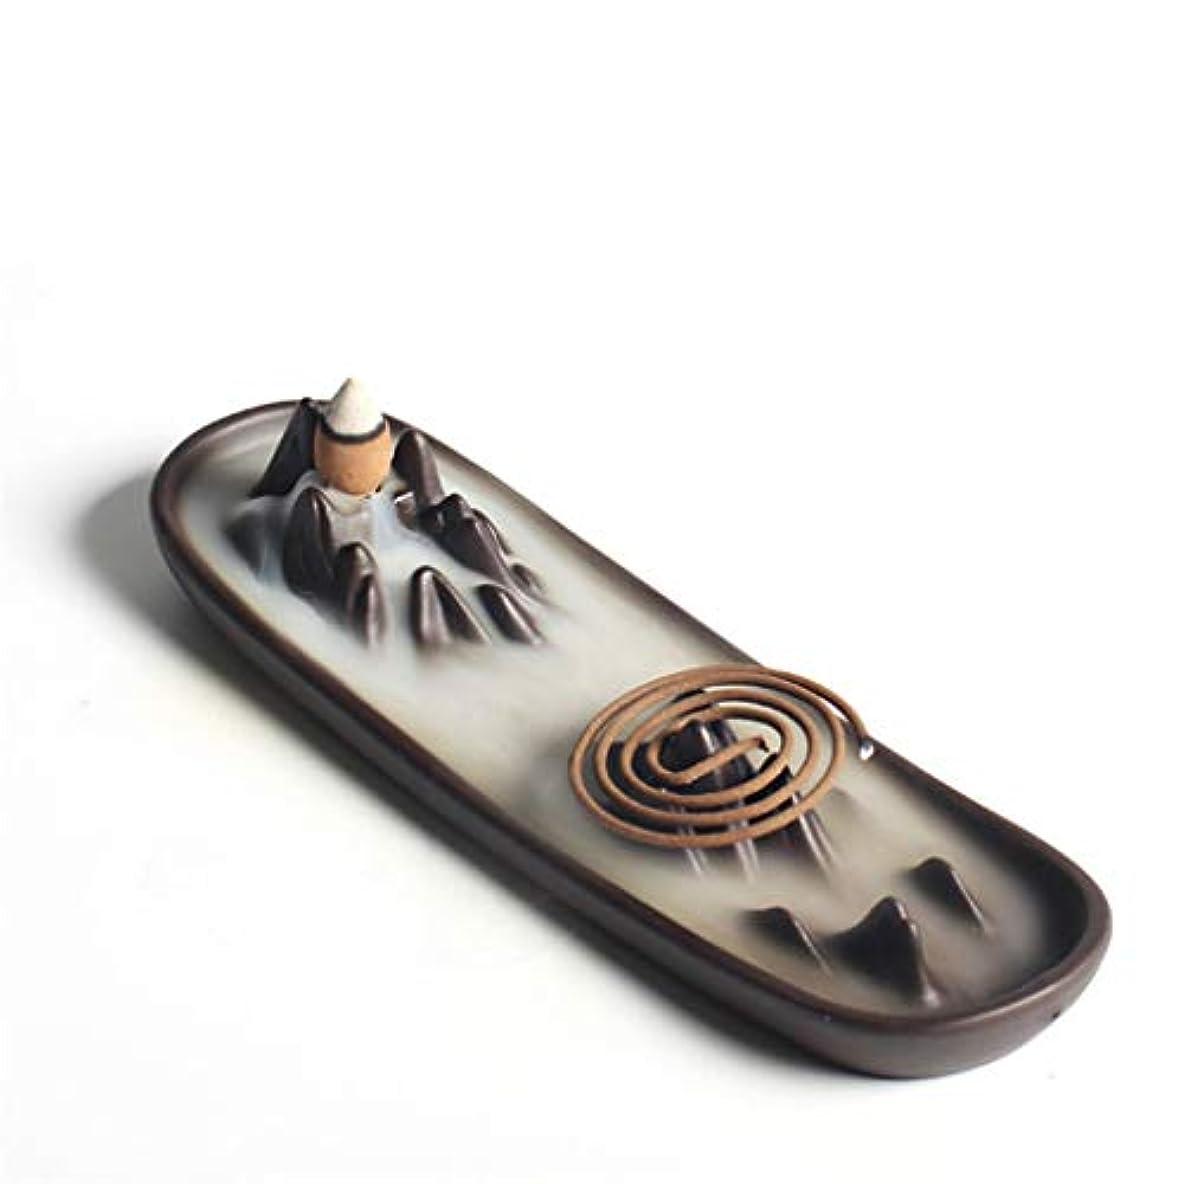 シーケンス尾アイデアホームアロマバーナー 逆流香バーナー家の装飾セラミックアロマセラピー仏教の滝香炉香コイルスティックホルダー 芳香器アロマバーナー (Color : A)